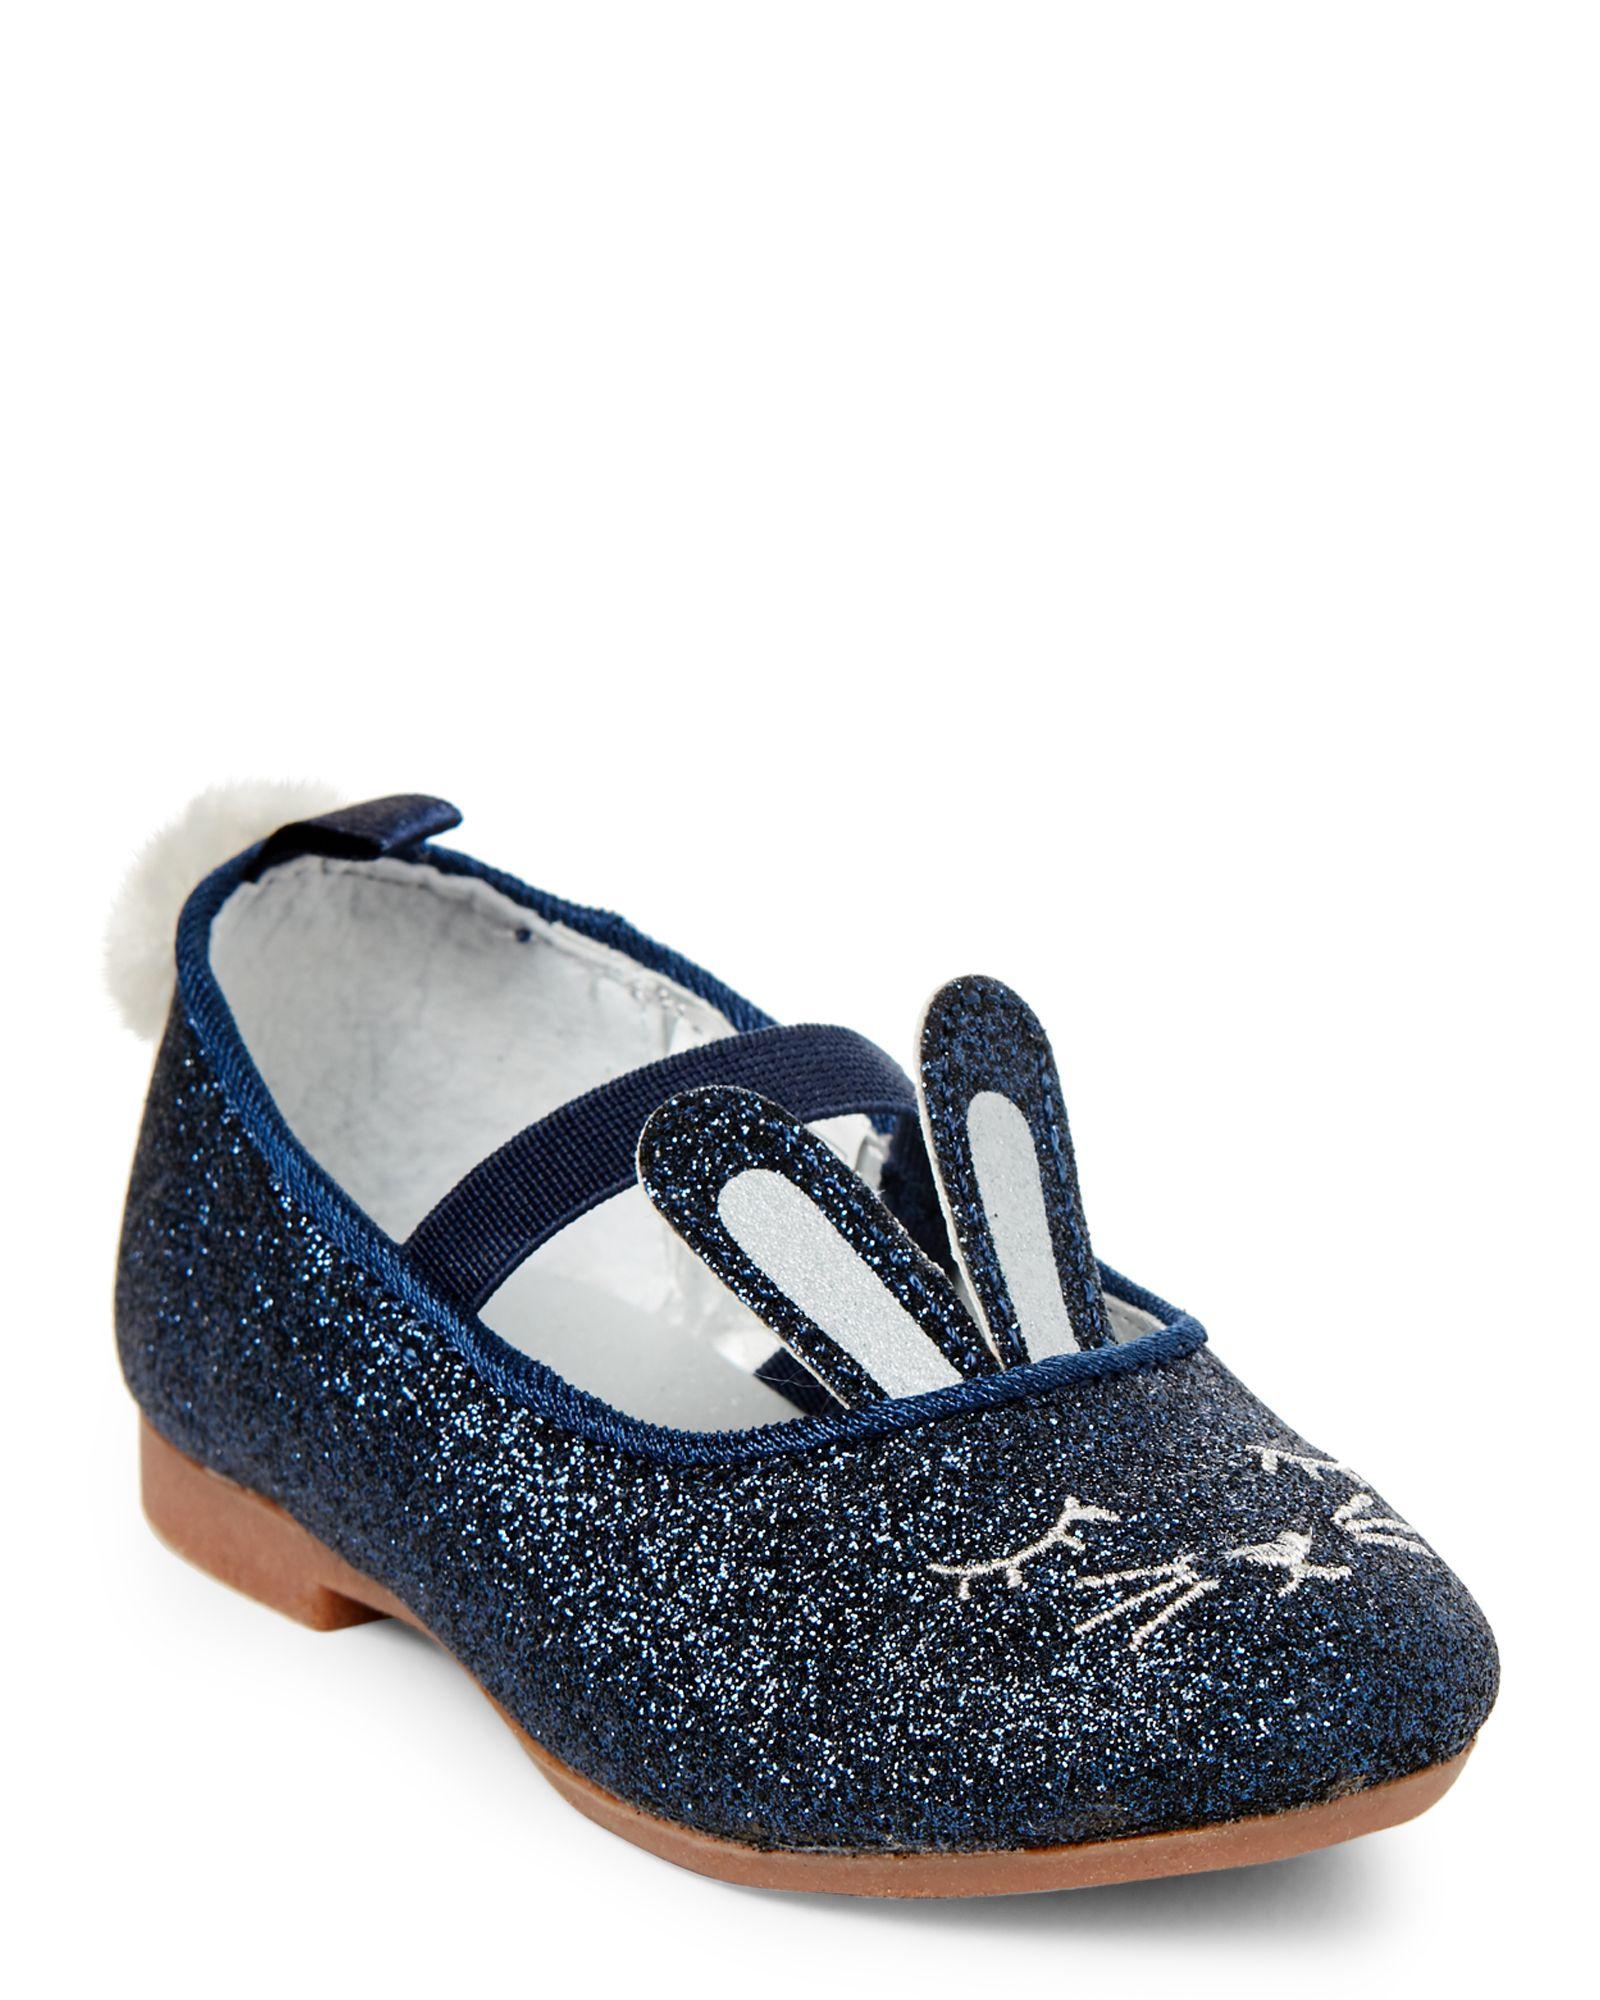 edce017b Osh Kosh B'gosh (Toddler Girls) Navy Buffy Glitter Mary Jane Shoes